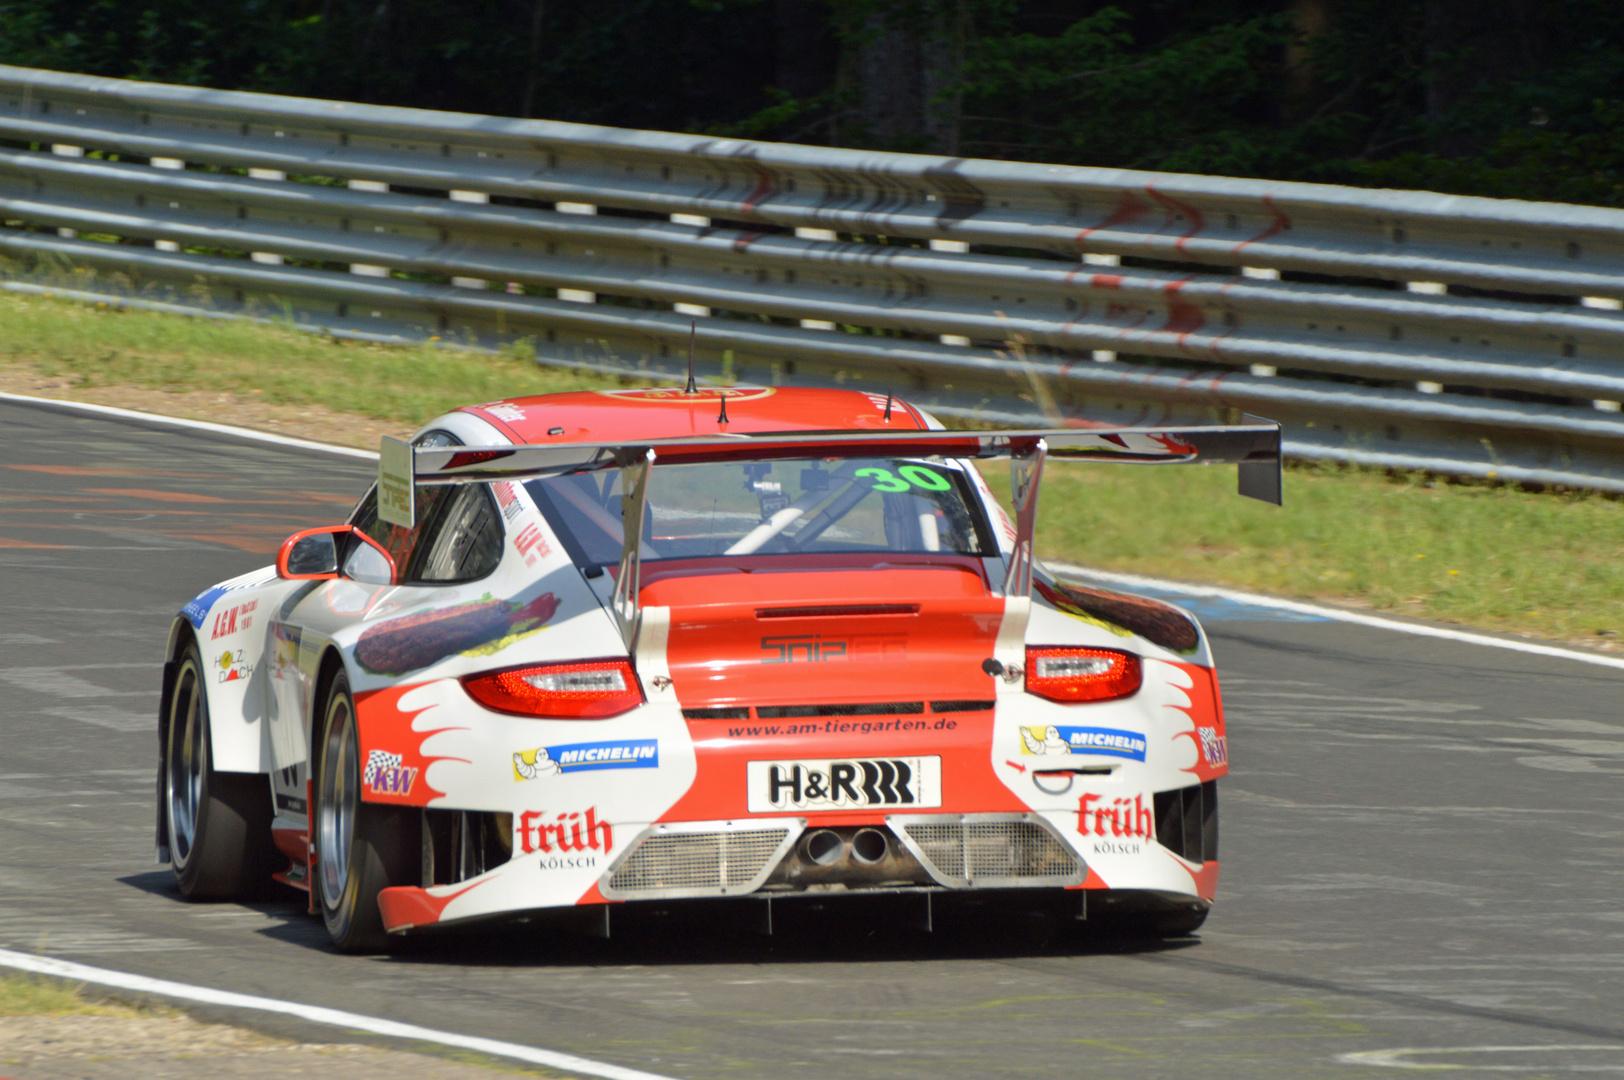 Geiler Arsch ? Foto & Bild | sport, motorsport, motive